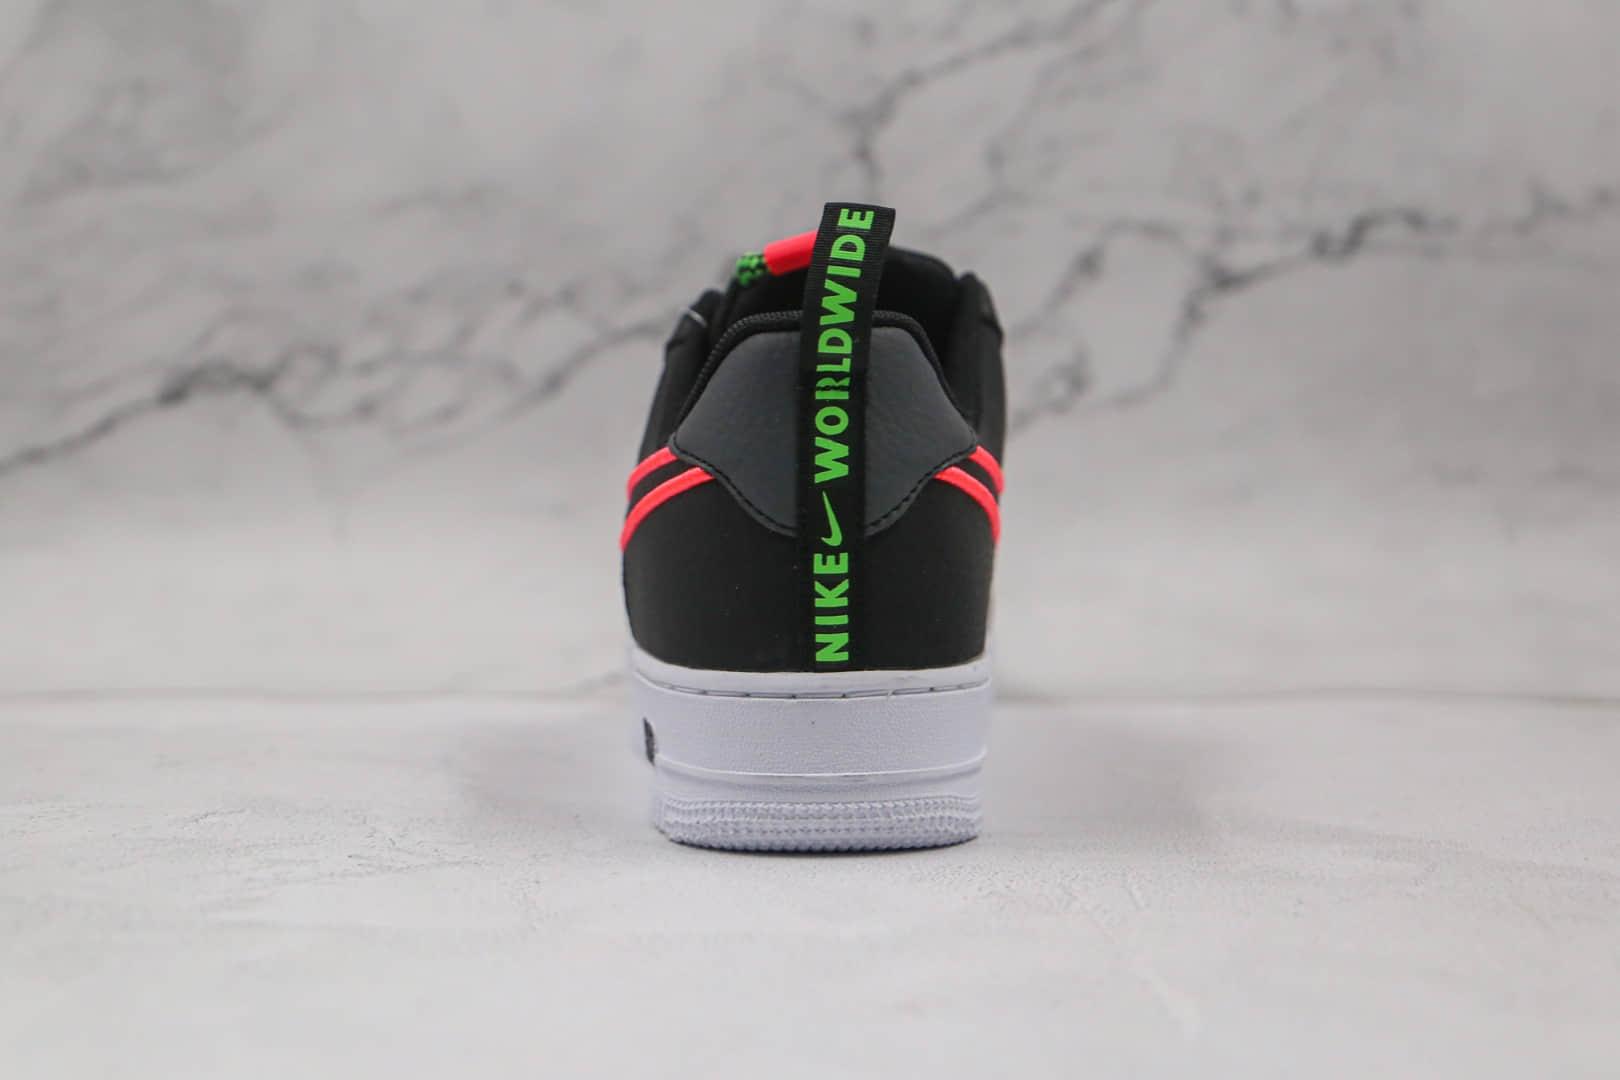 耐克Nike Air Force 1'07 Low World Wide纯原版本低帮空军一号黑绿粉色字母弹幕花纹刺绣钩子板鞋内置Sole气垫 货号:CK7213-001